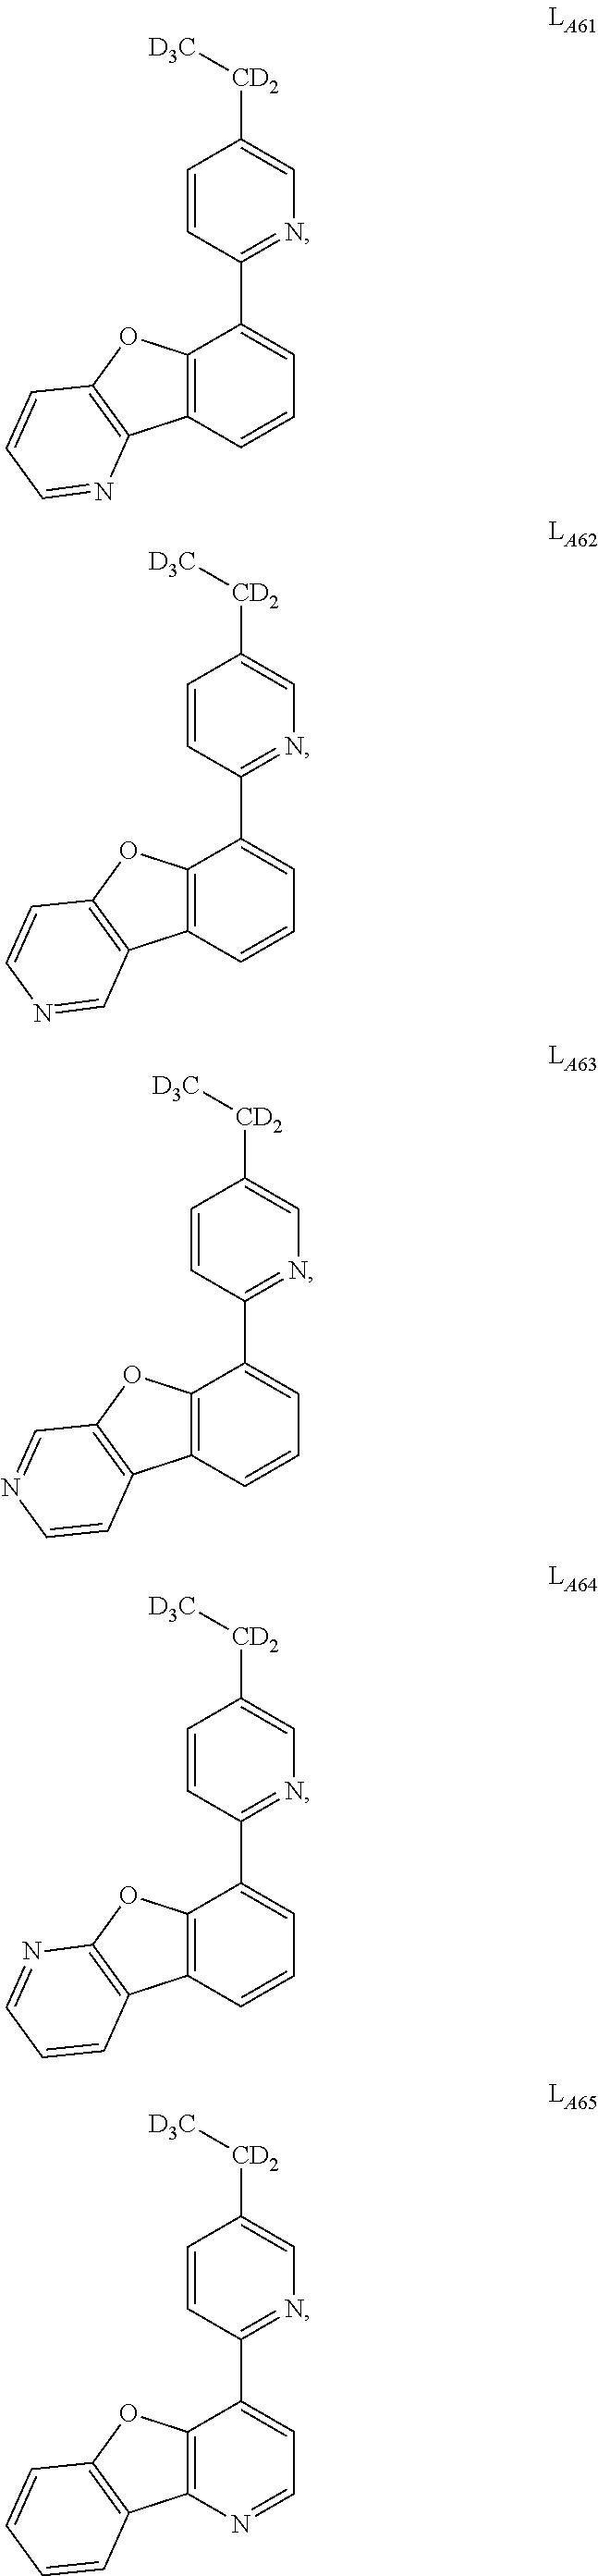 Figure US09634264-20170425-C00016